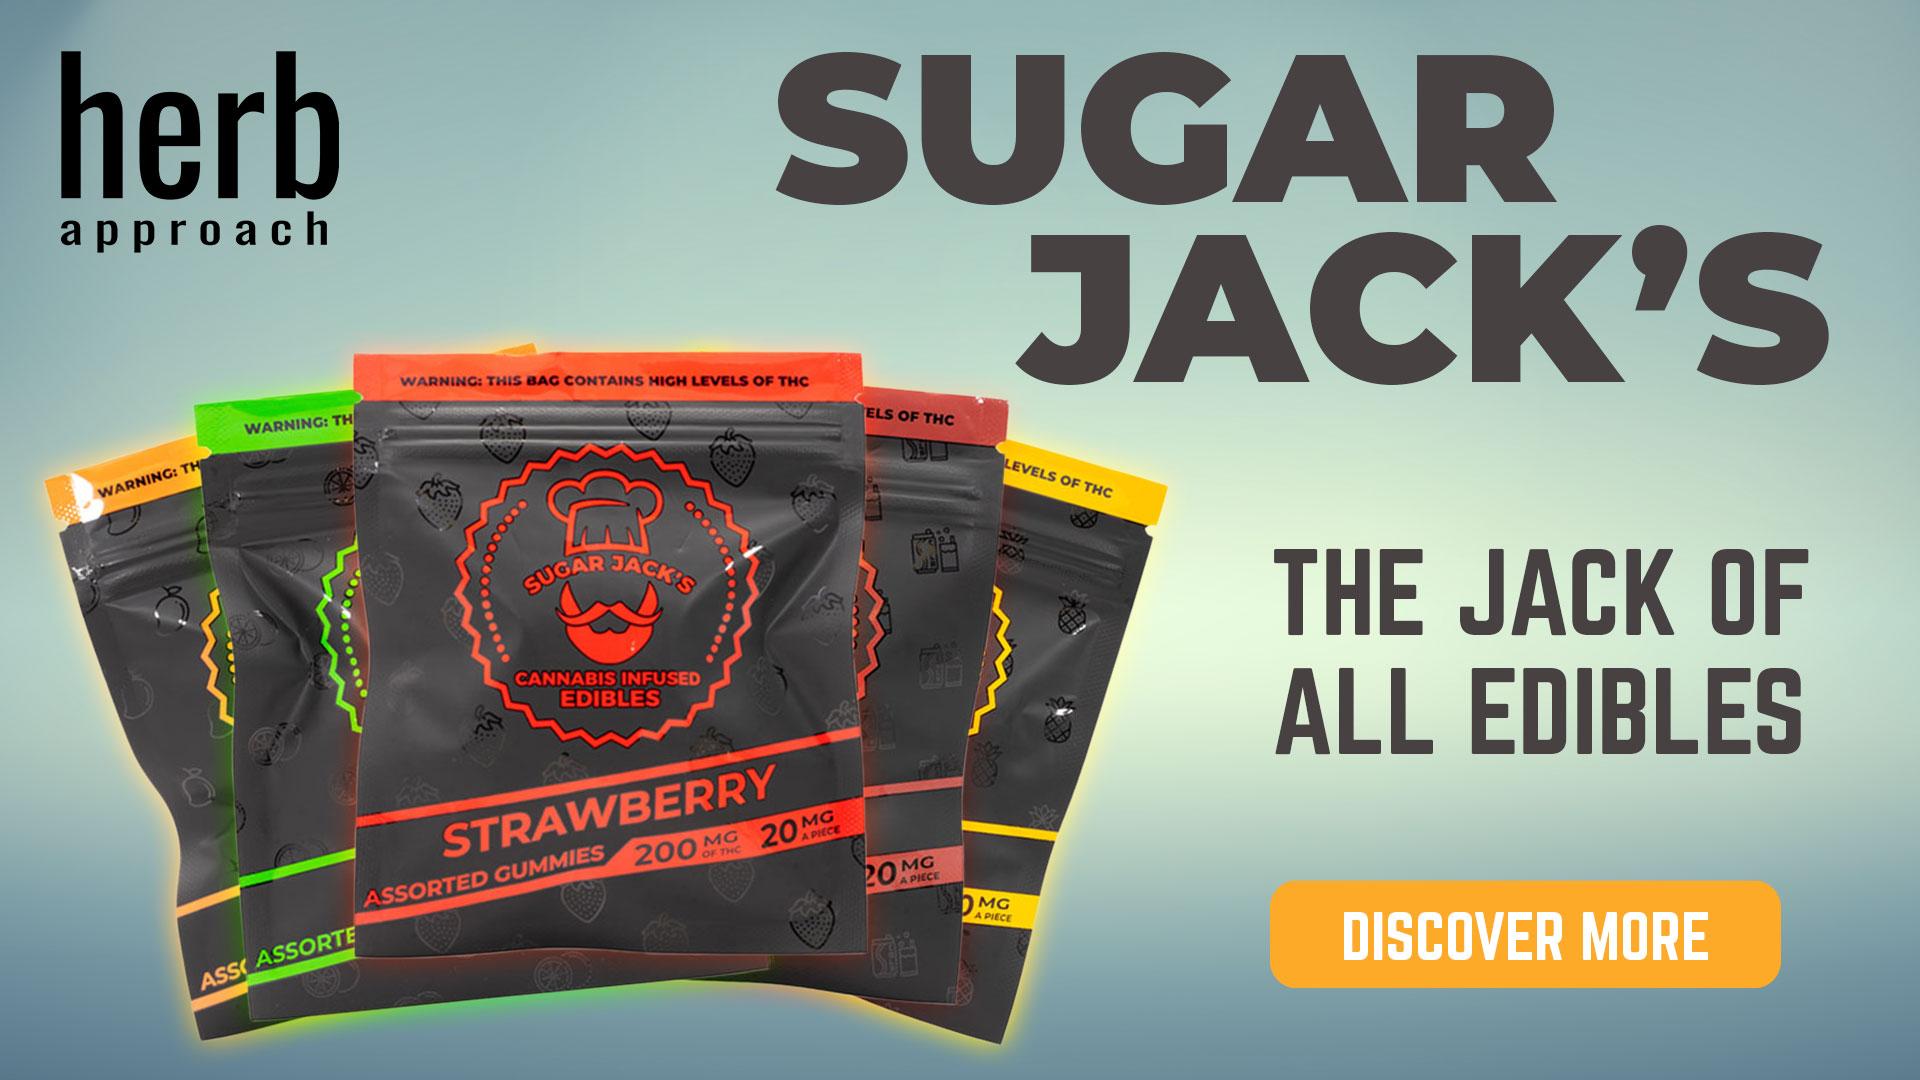 sugar jacks 1920x1080 1